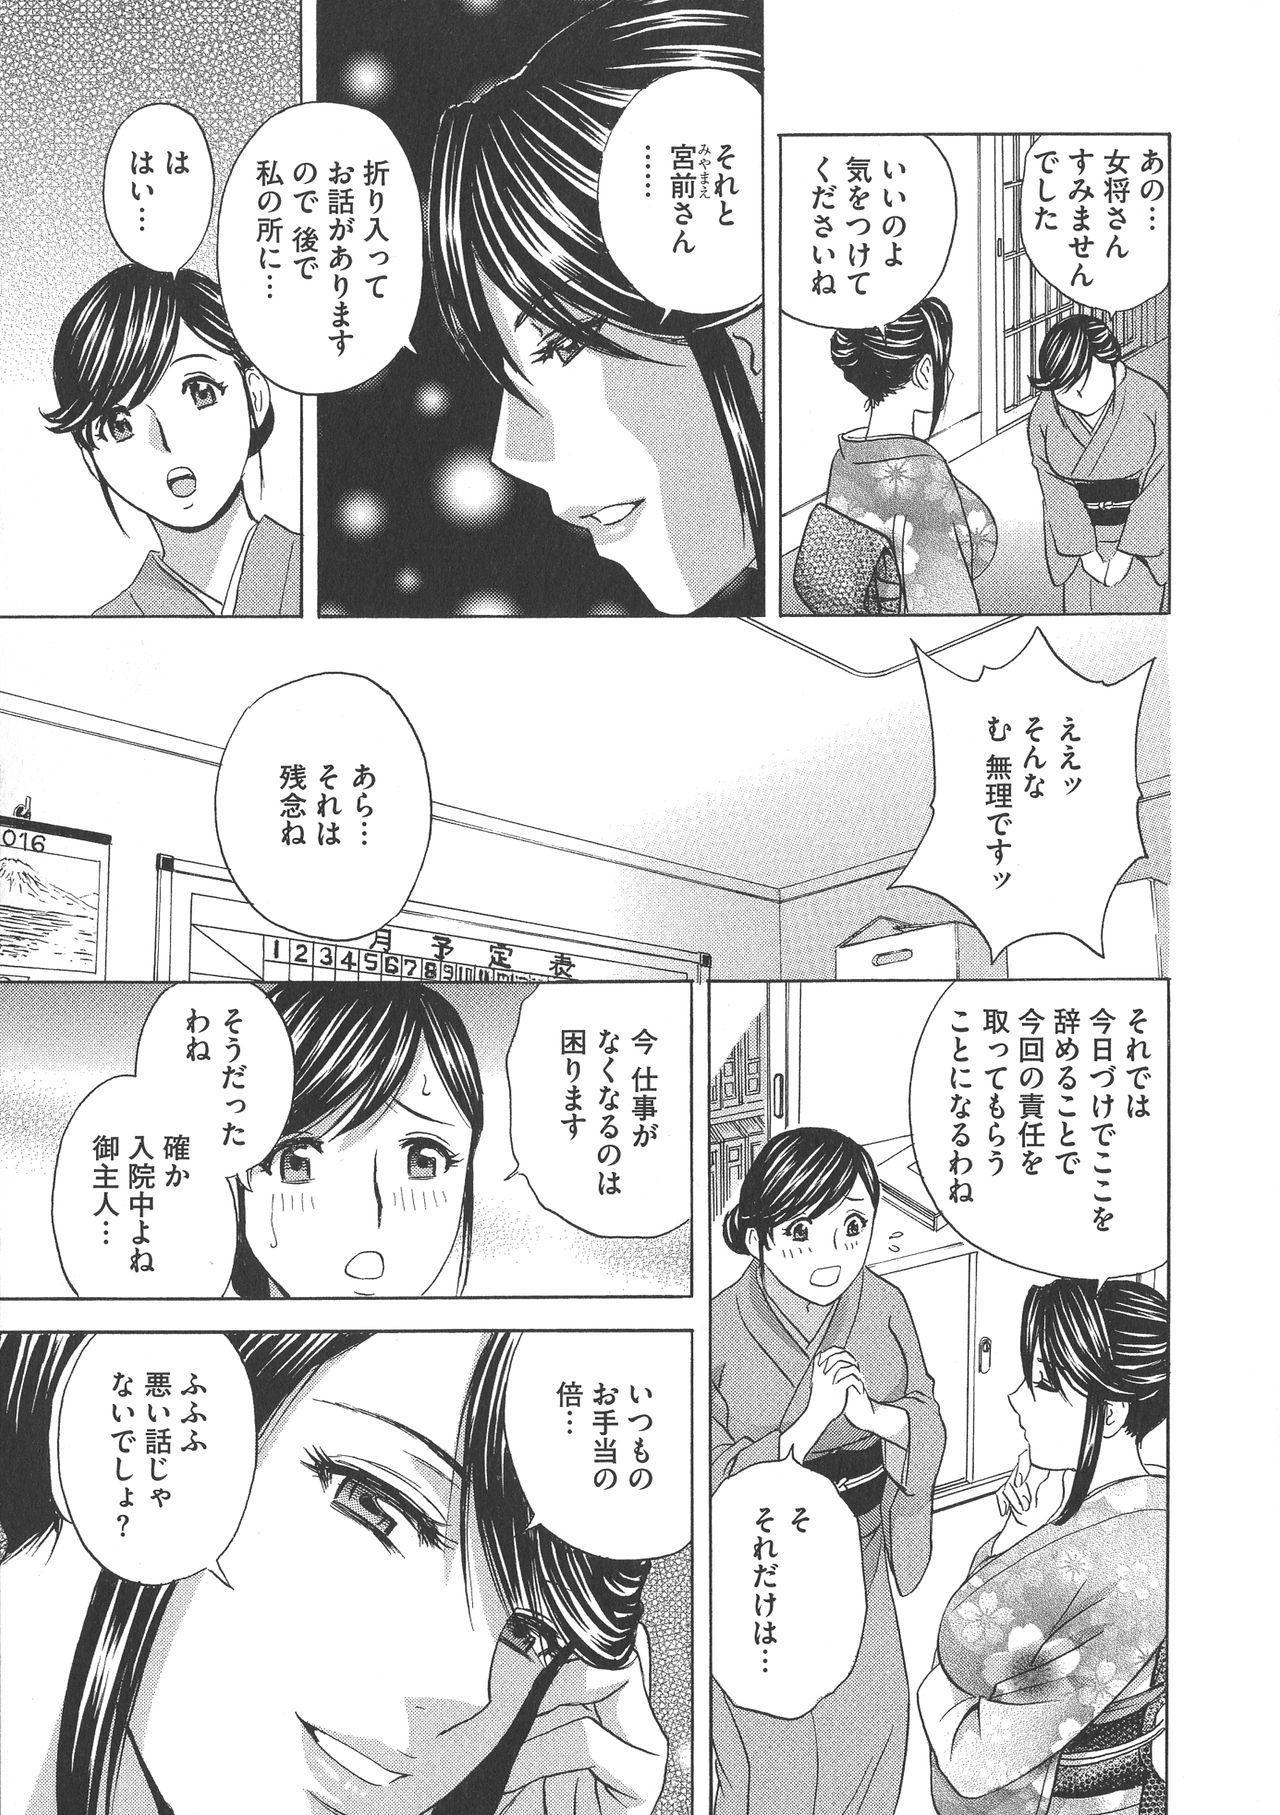 Chijoku ni Modaeru Haha no Chichi… 8